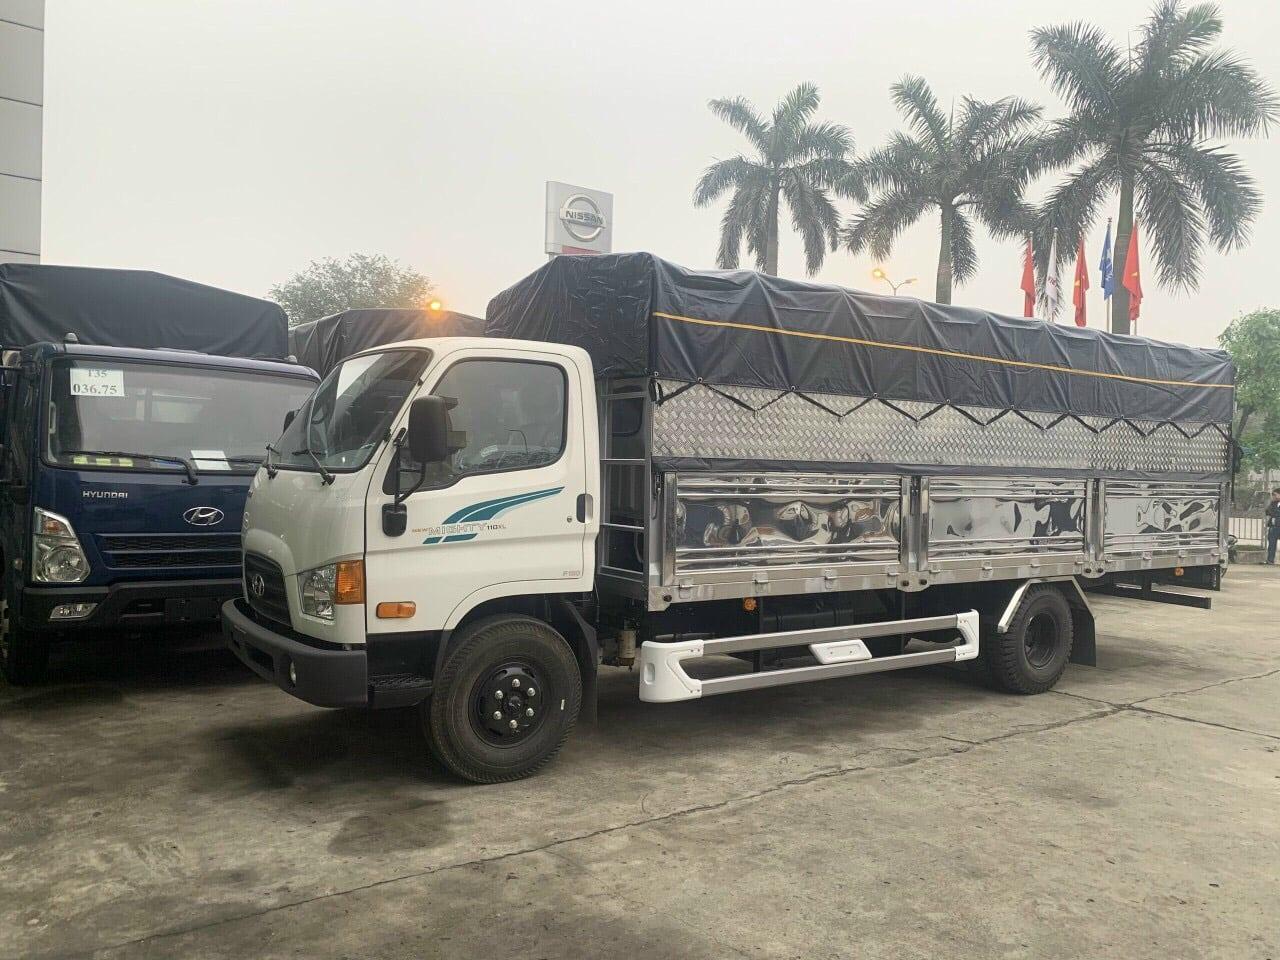 Báo giá xe tải 7 tấn Hyundai nâng tải Hyundai 110XL, Hyundai EX8